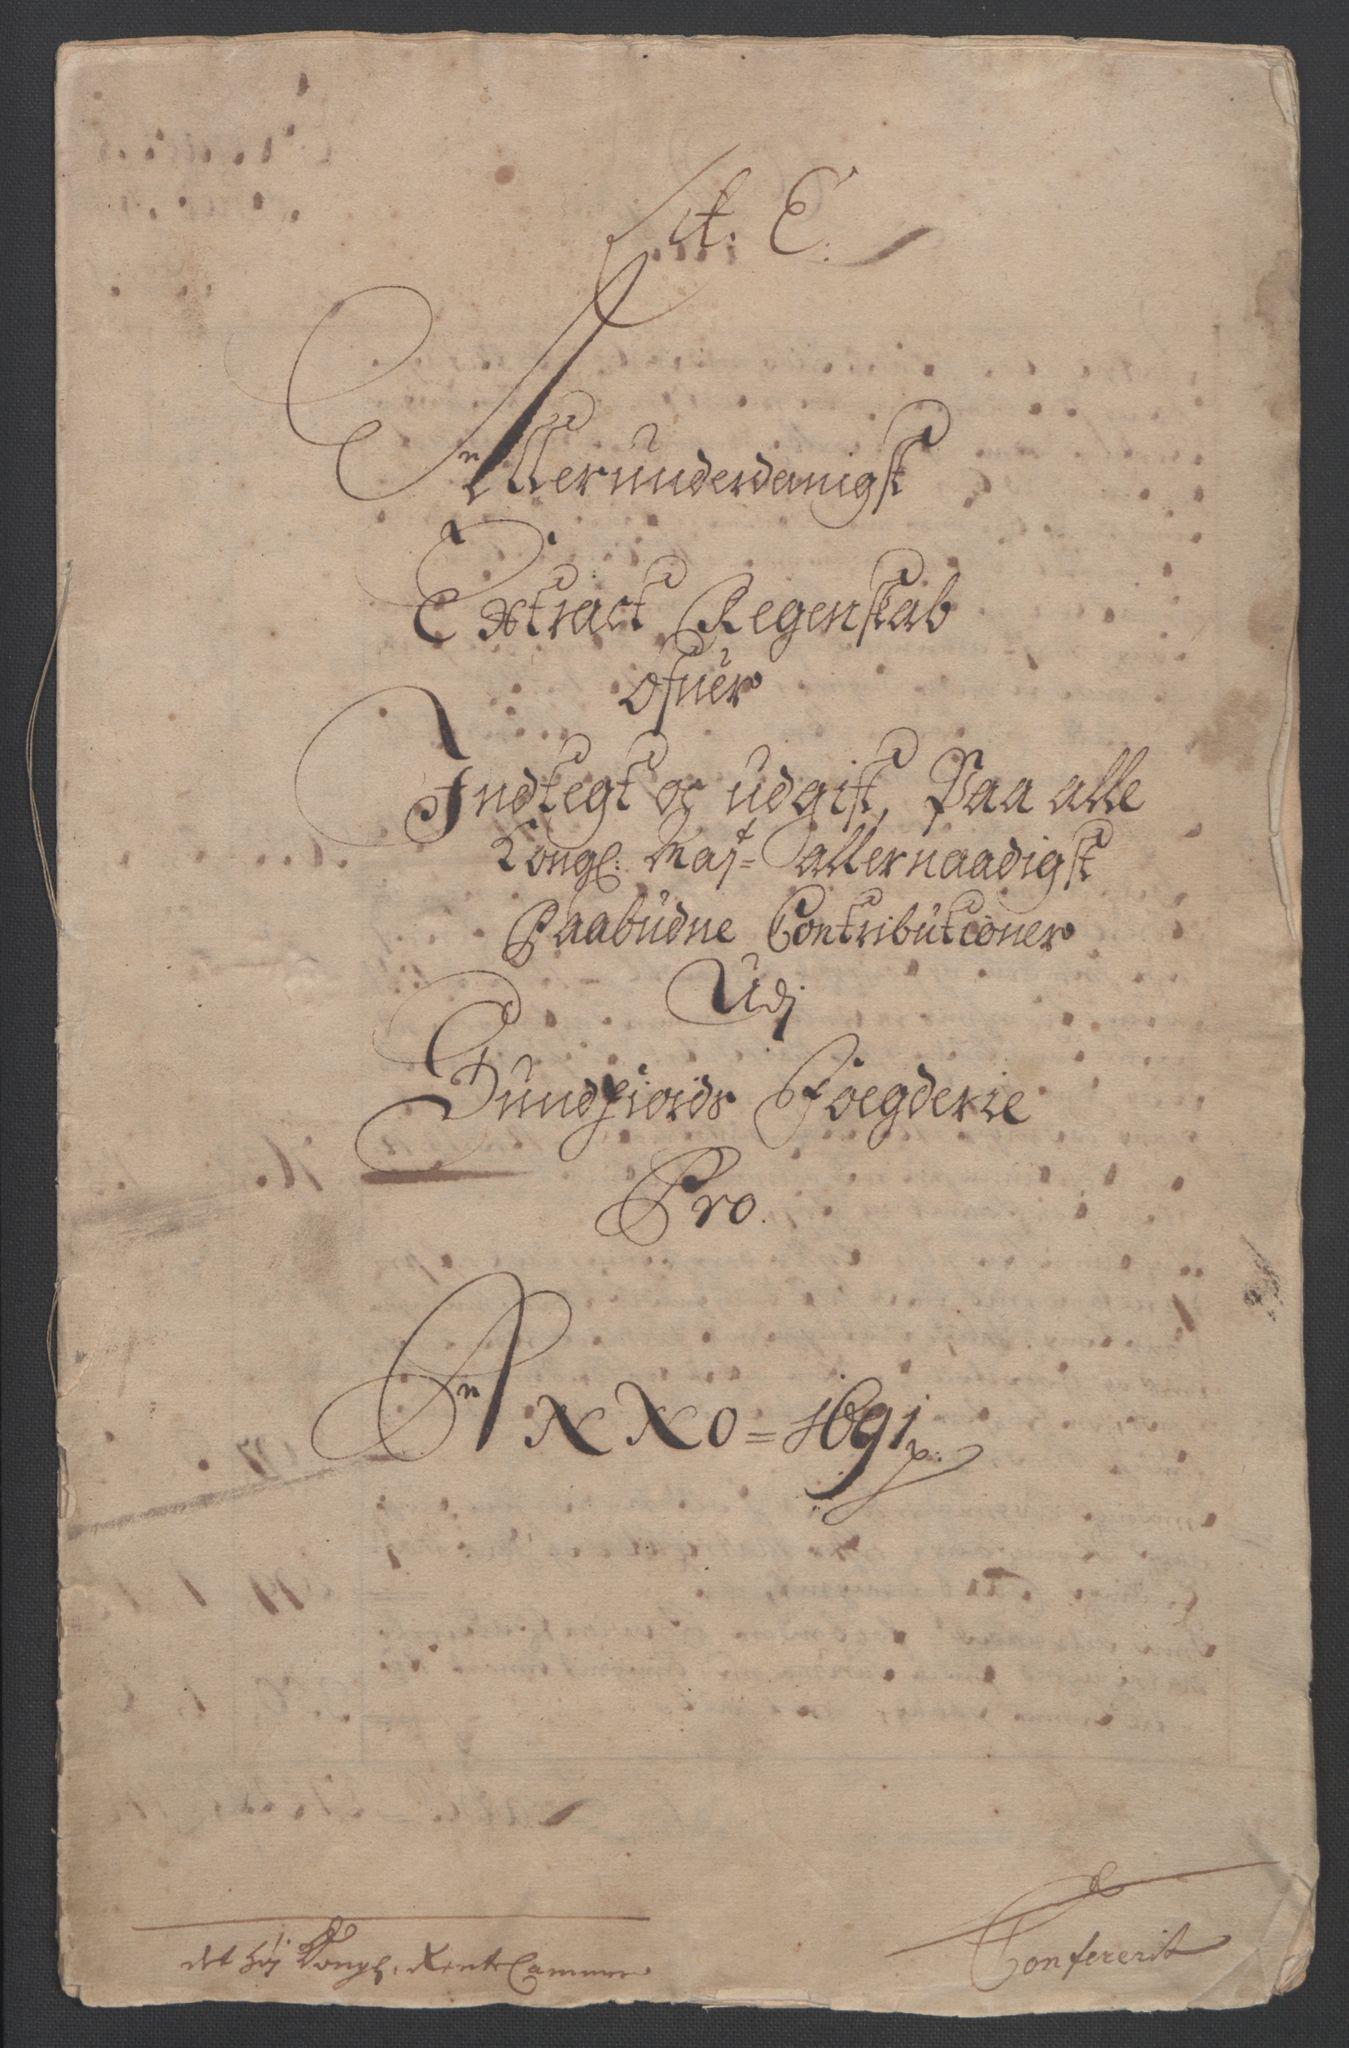 RA, Rentekammeret inntil 1814, Reviderte regnskaper, Fogderegnskap, R53/L3420: Fogderegnskap Sunn- og Nordfjord, 1691-1692, s. 5